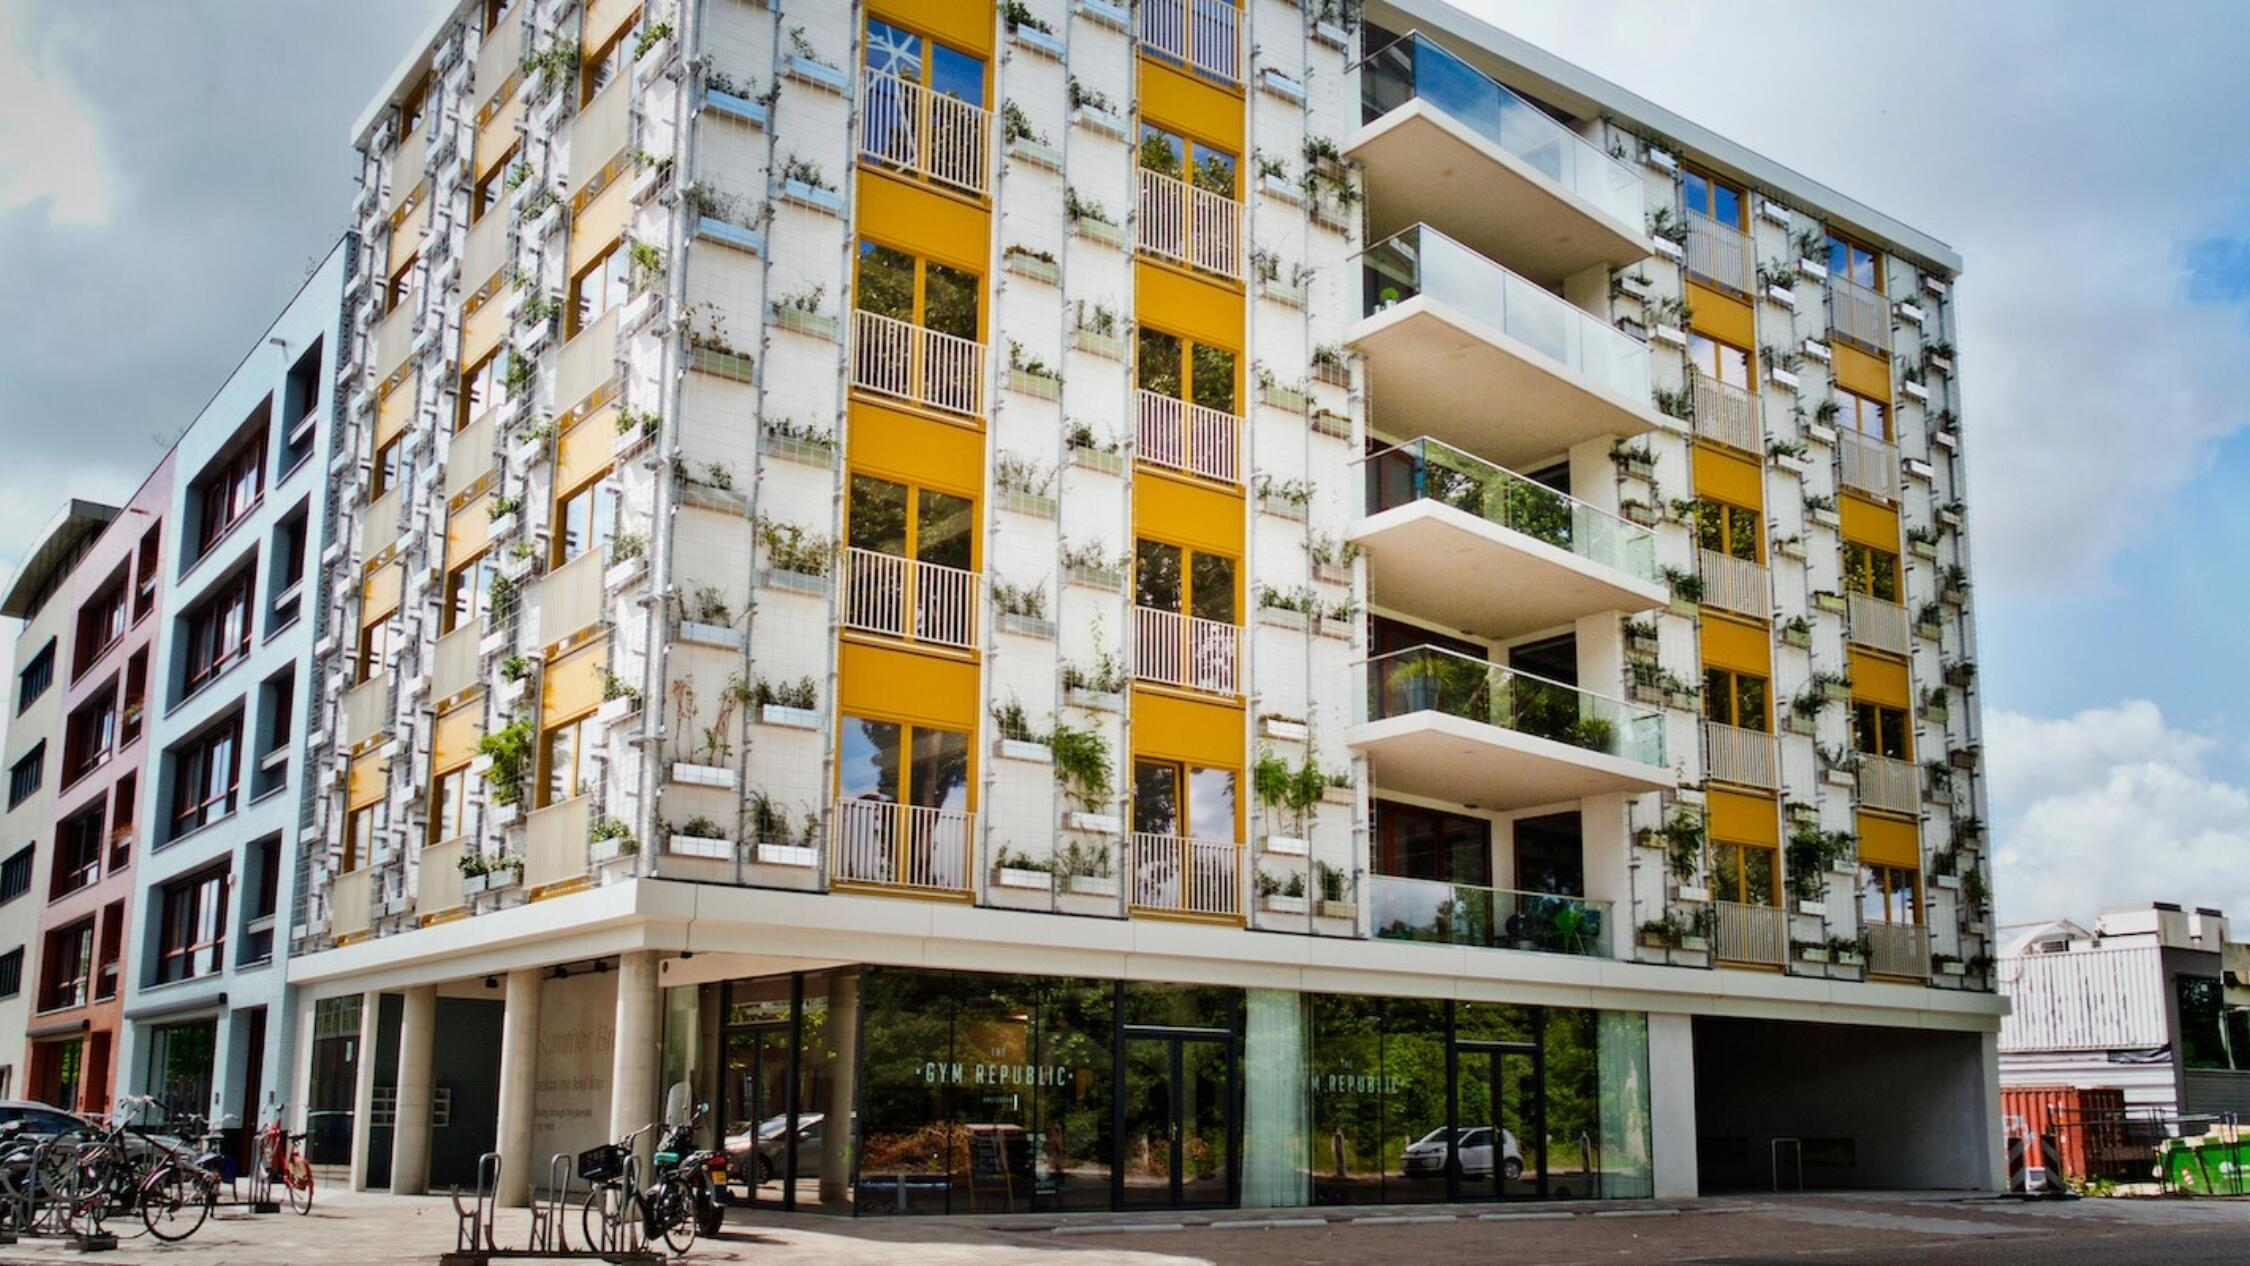 Schinkel Portfolio building facade